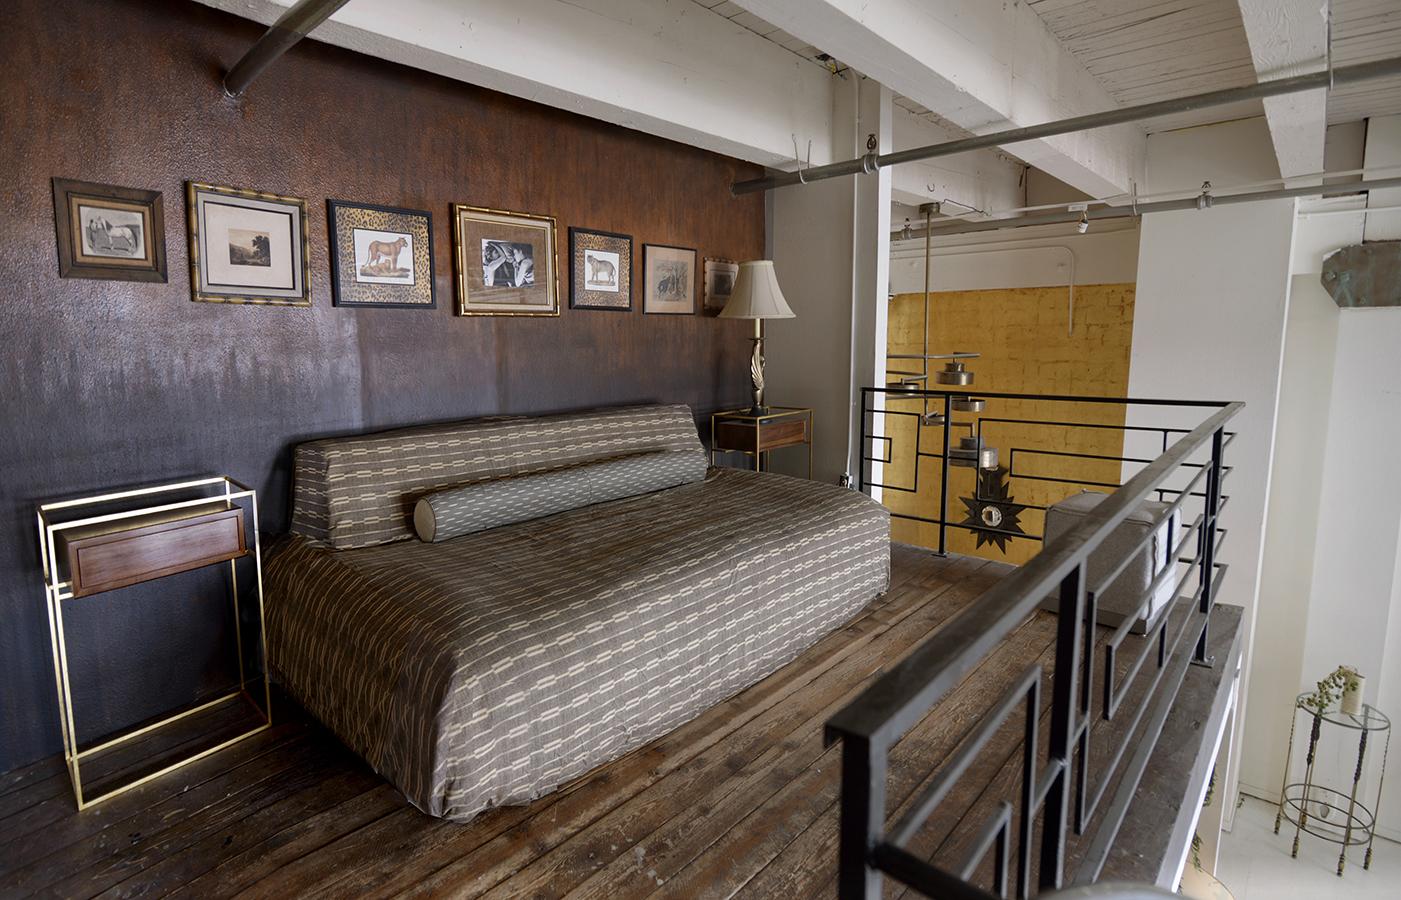 Loft.bed.sm.jpg